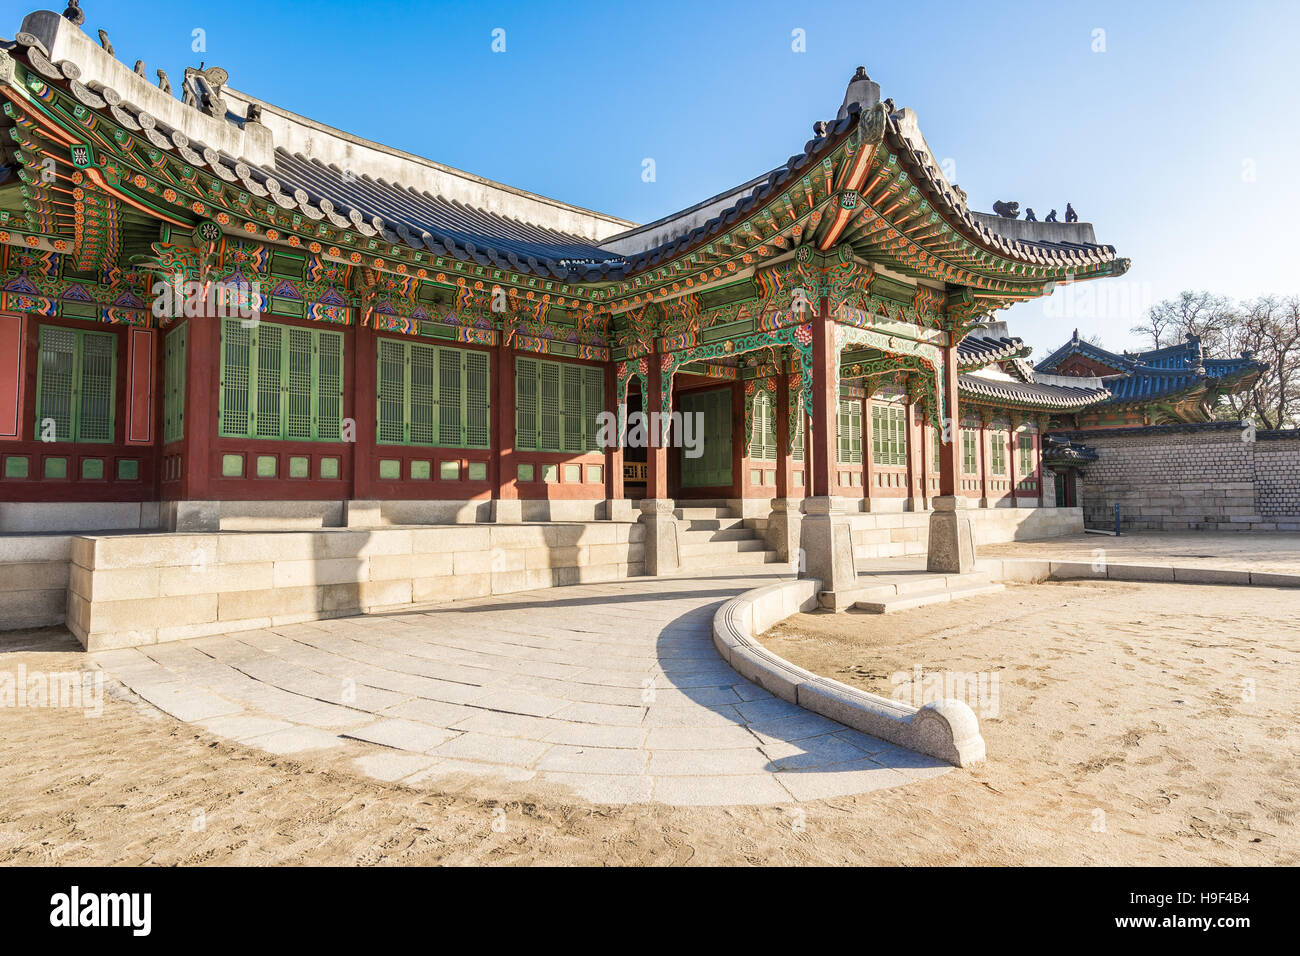 Séoul, Corée du Sud - 5 décembre 2015: Palais Changdeokgung était la deuxième villa Photo Stock